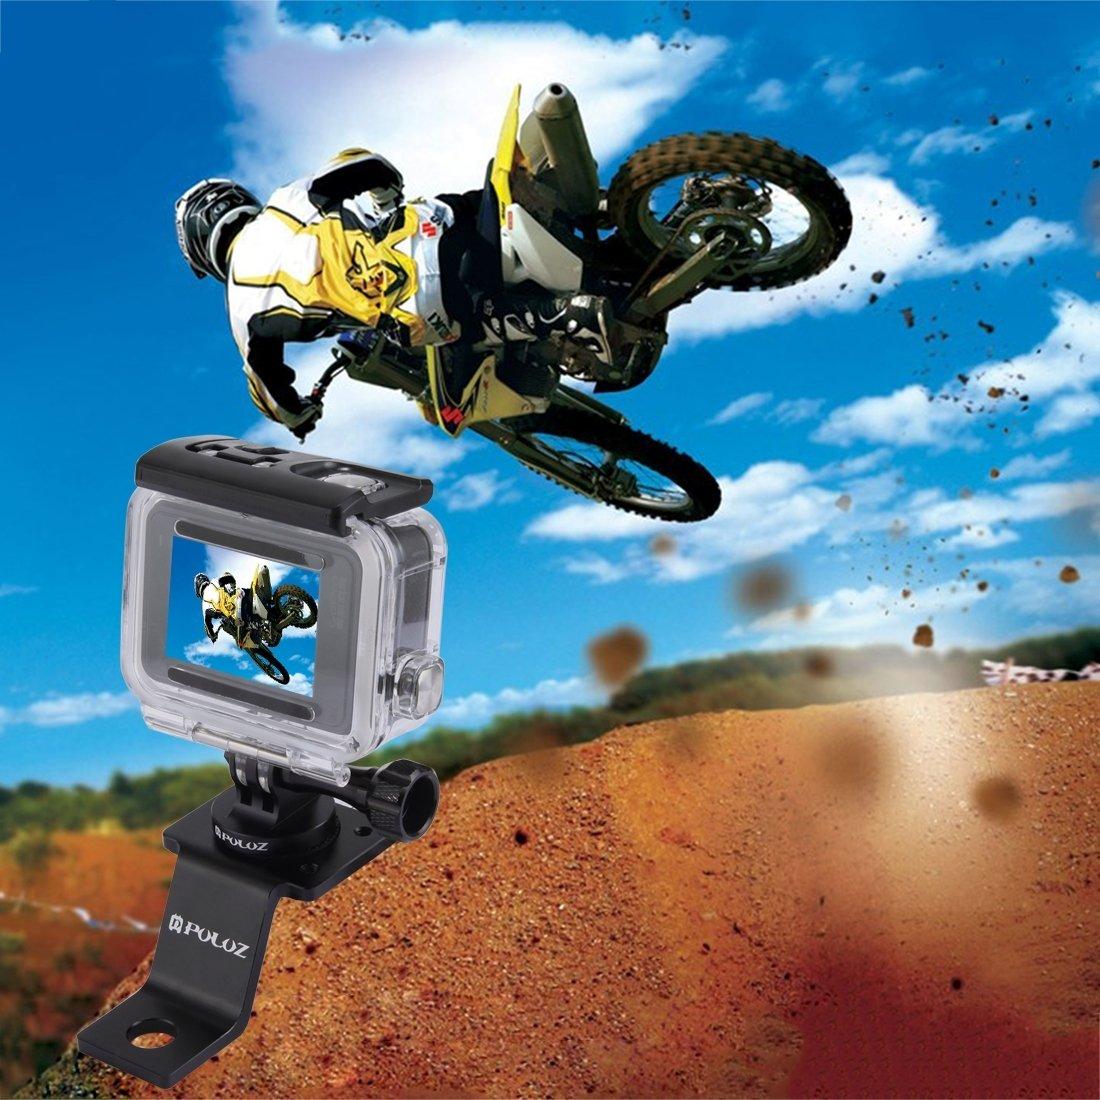 PULUZ Accessori Moto Specchio//bullone Supporto Fisso Metallo Bici Supporto per GoPro Hero 5 4 sessione Nero Argento 4 3 3 2 Sport Action Camera